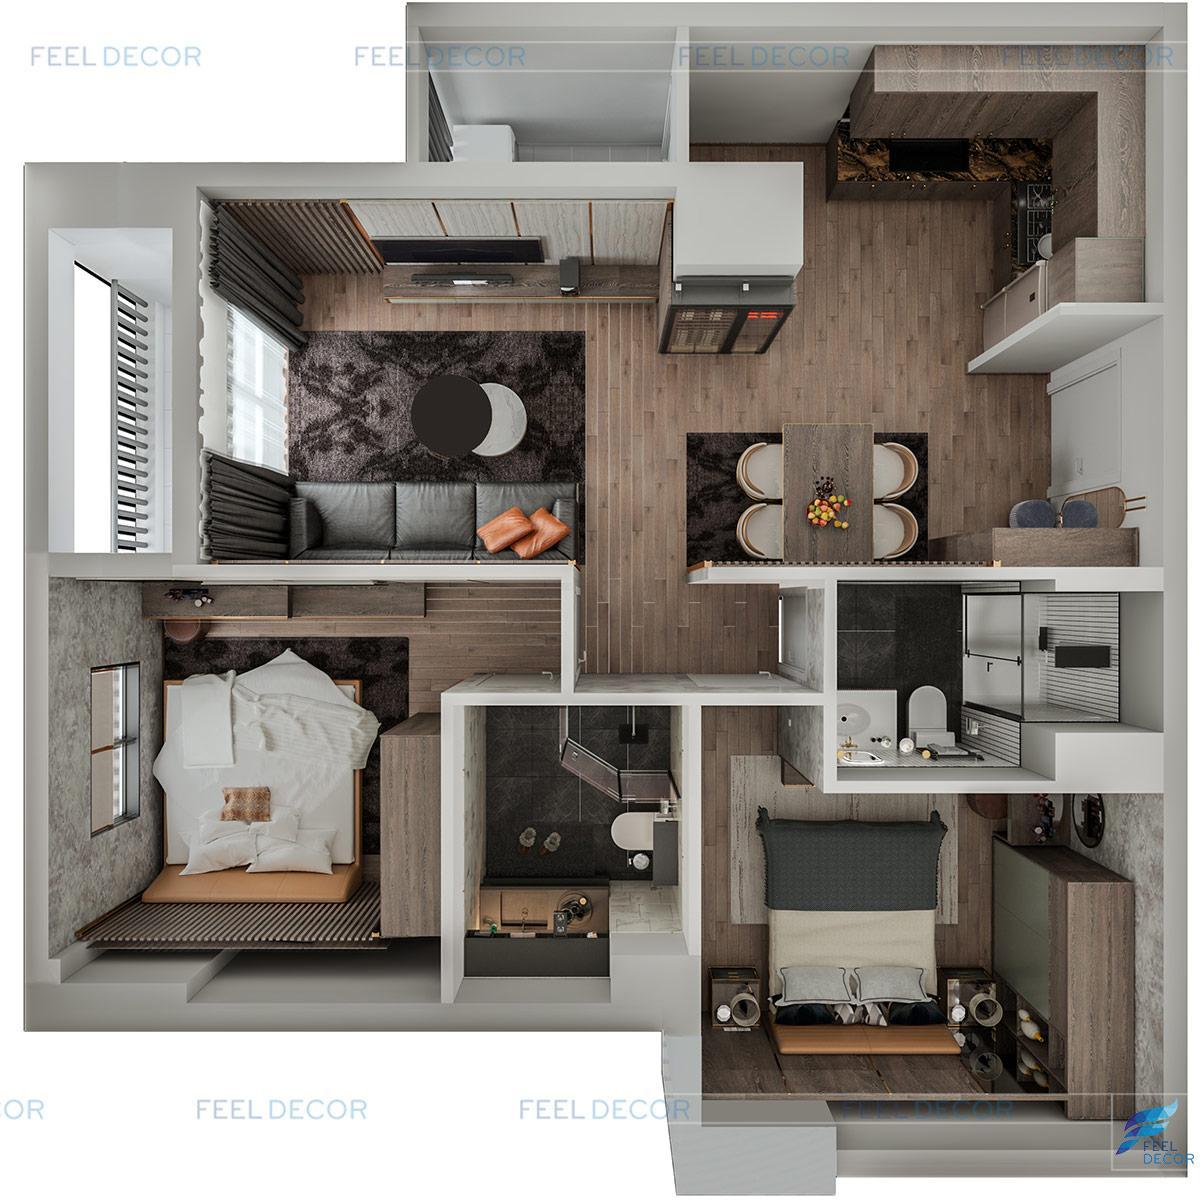 Thiết kế thi công nội thất căn hộ mẫu chung cư Sài Gòn South Residence quận 7